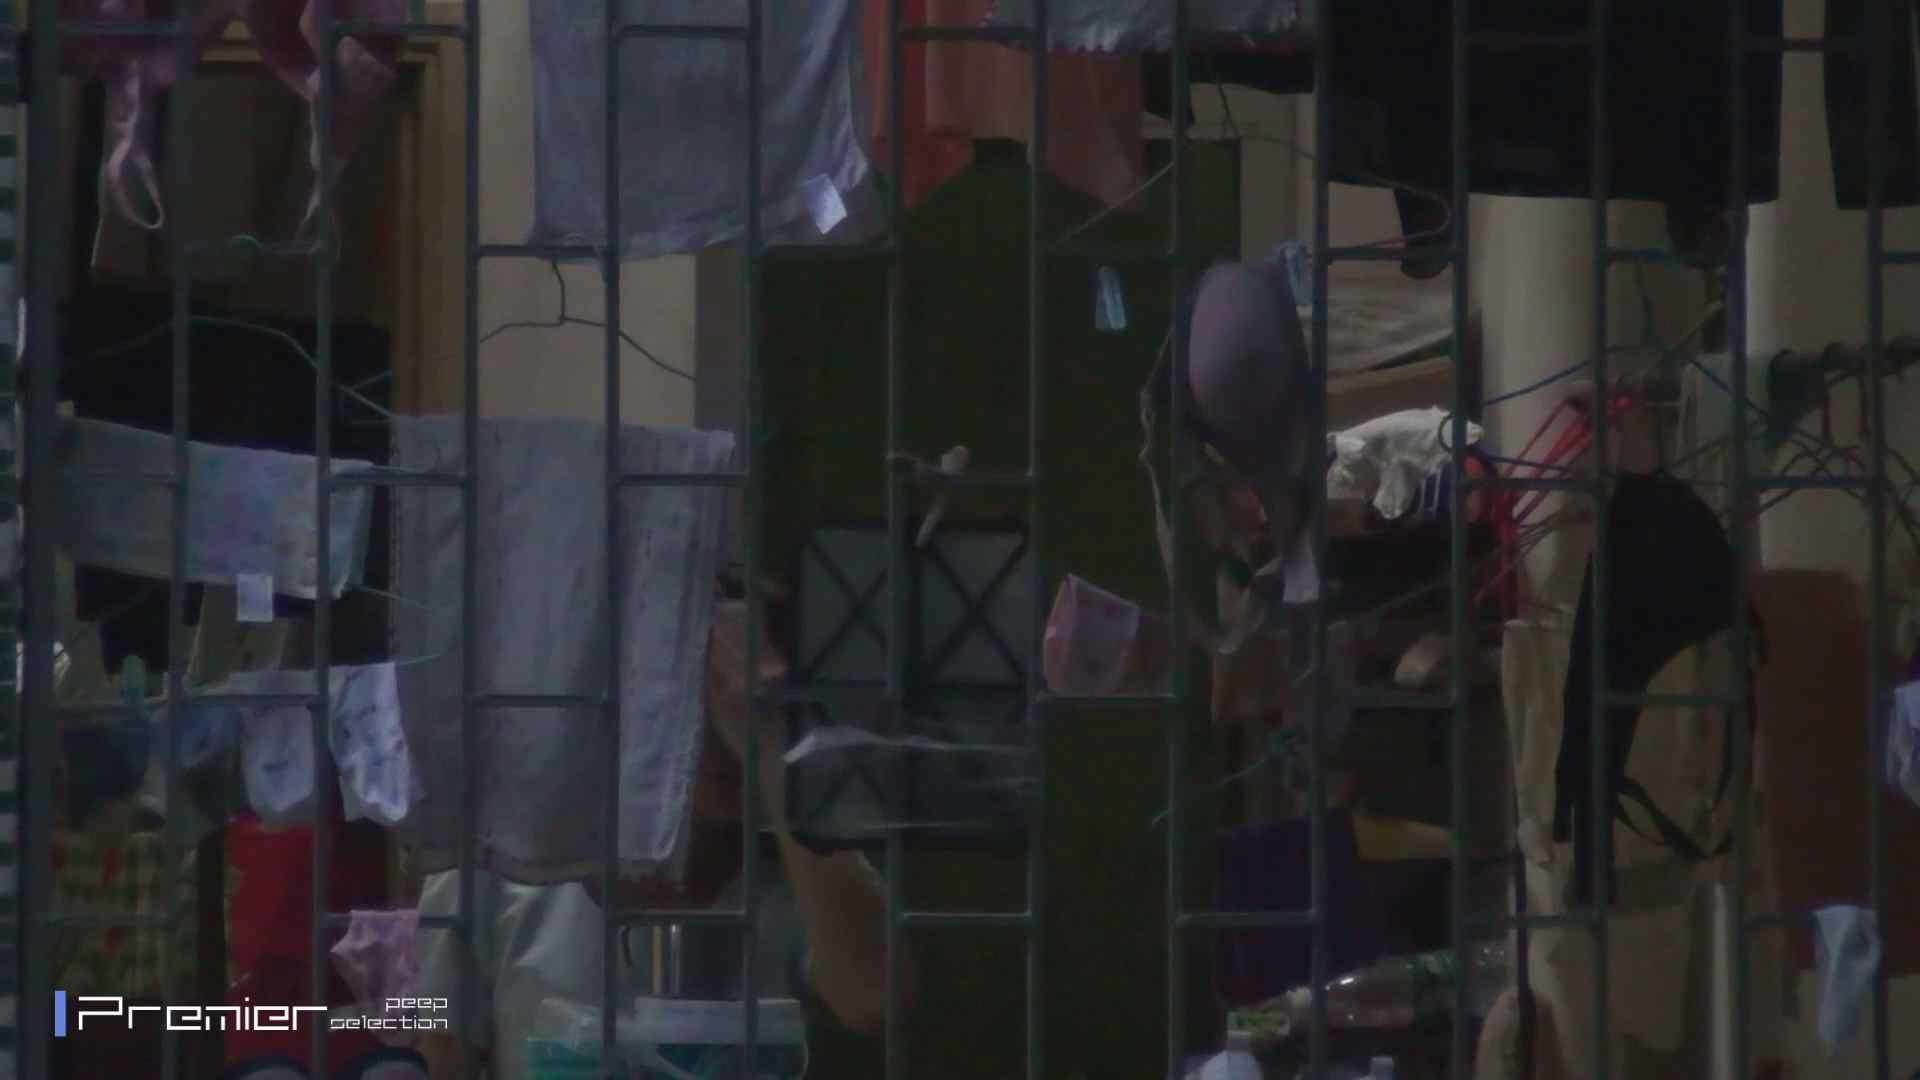 激撮り美女の洗顔シーン Vol.05 美女の痴態に密着! 潜入 濡れ場動画紹介 77連発 50